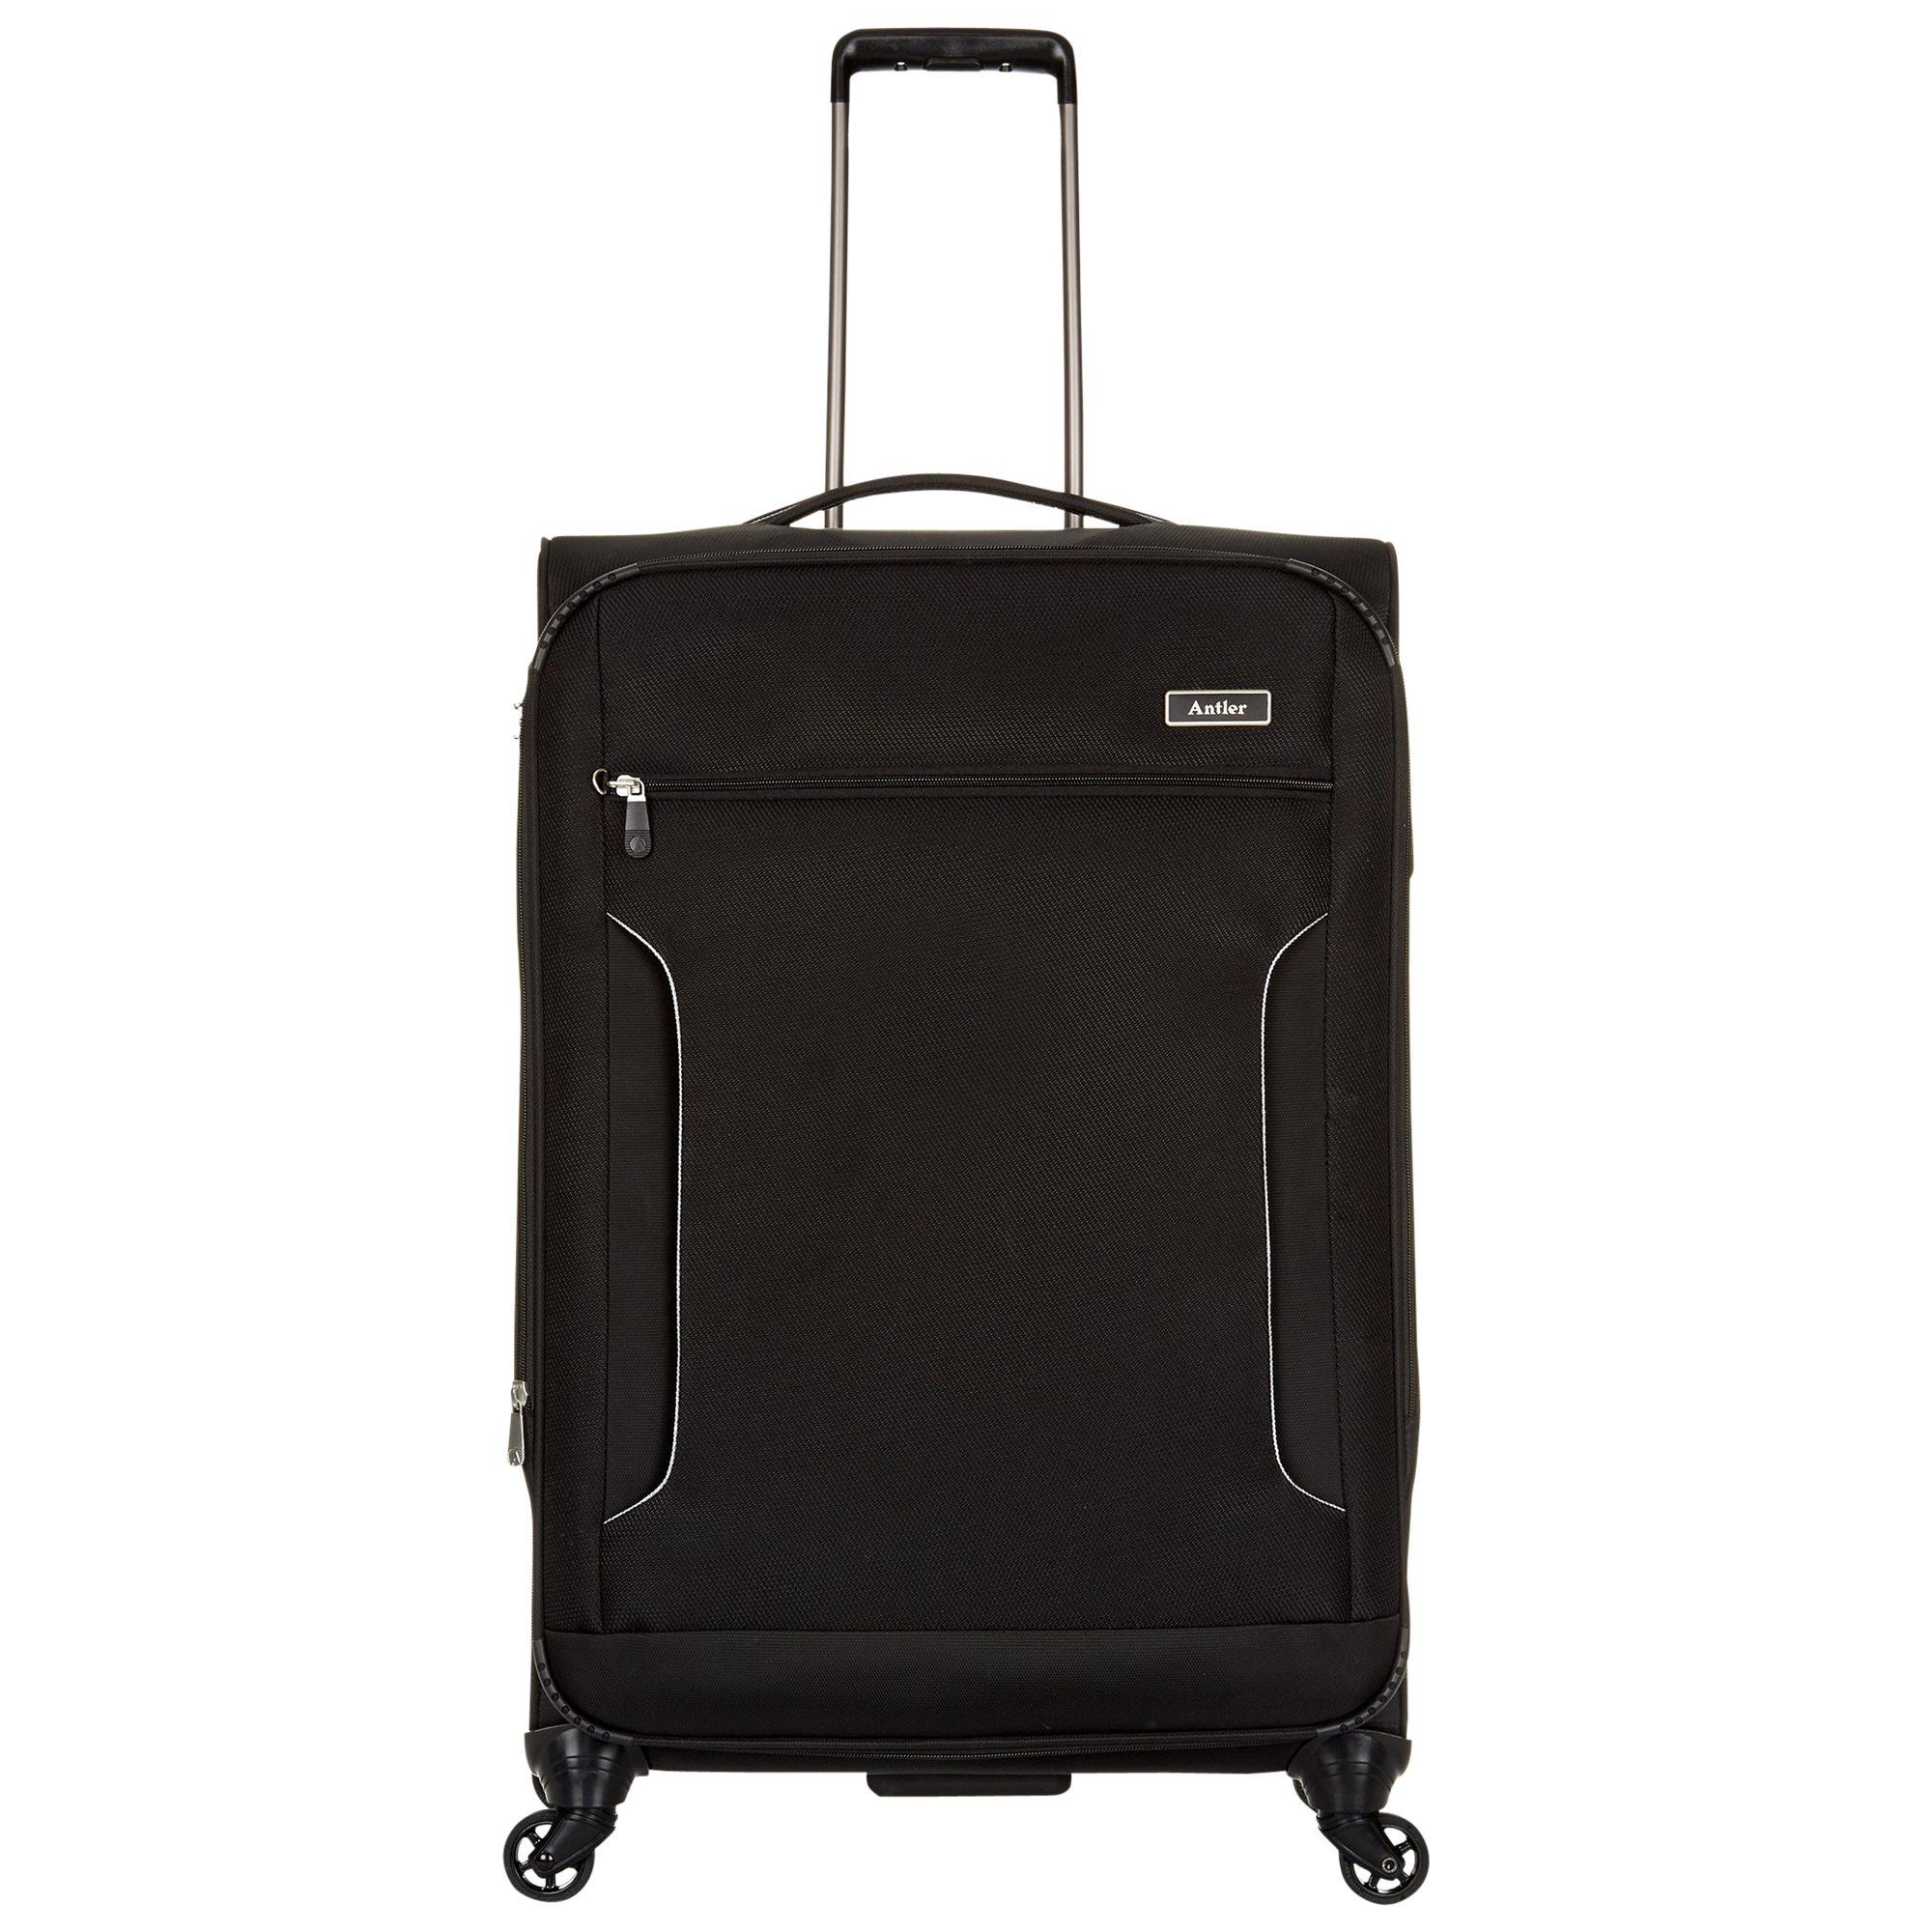 Antler Antler Cyberlite II 4-Wheel 77cm Large Suitcase